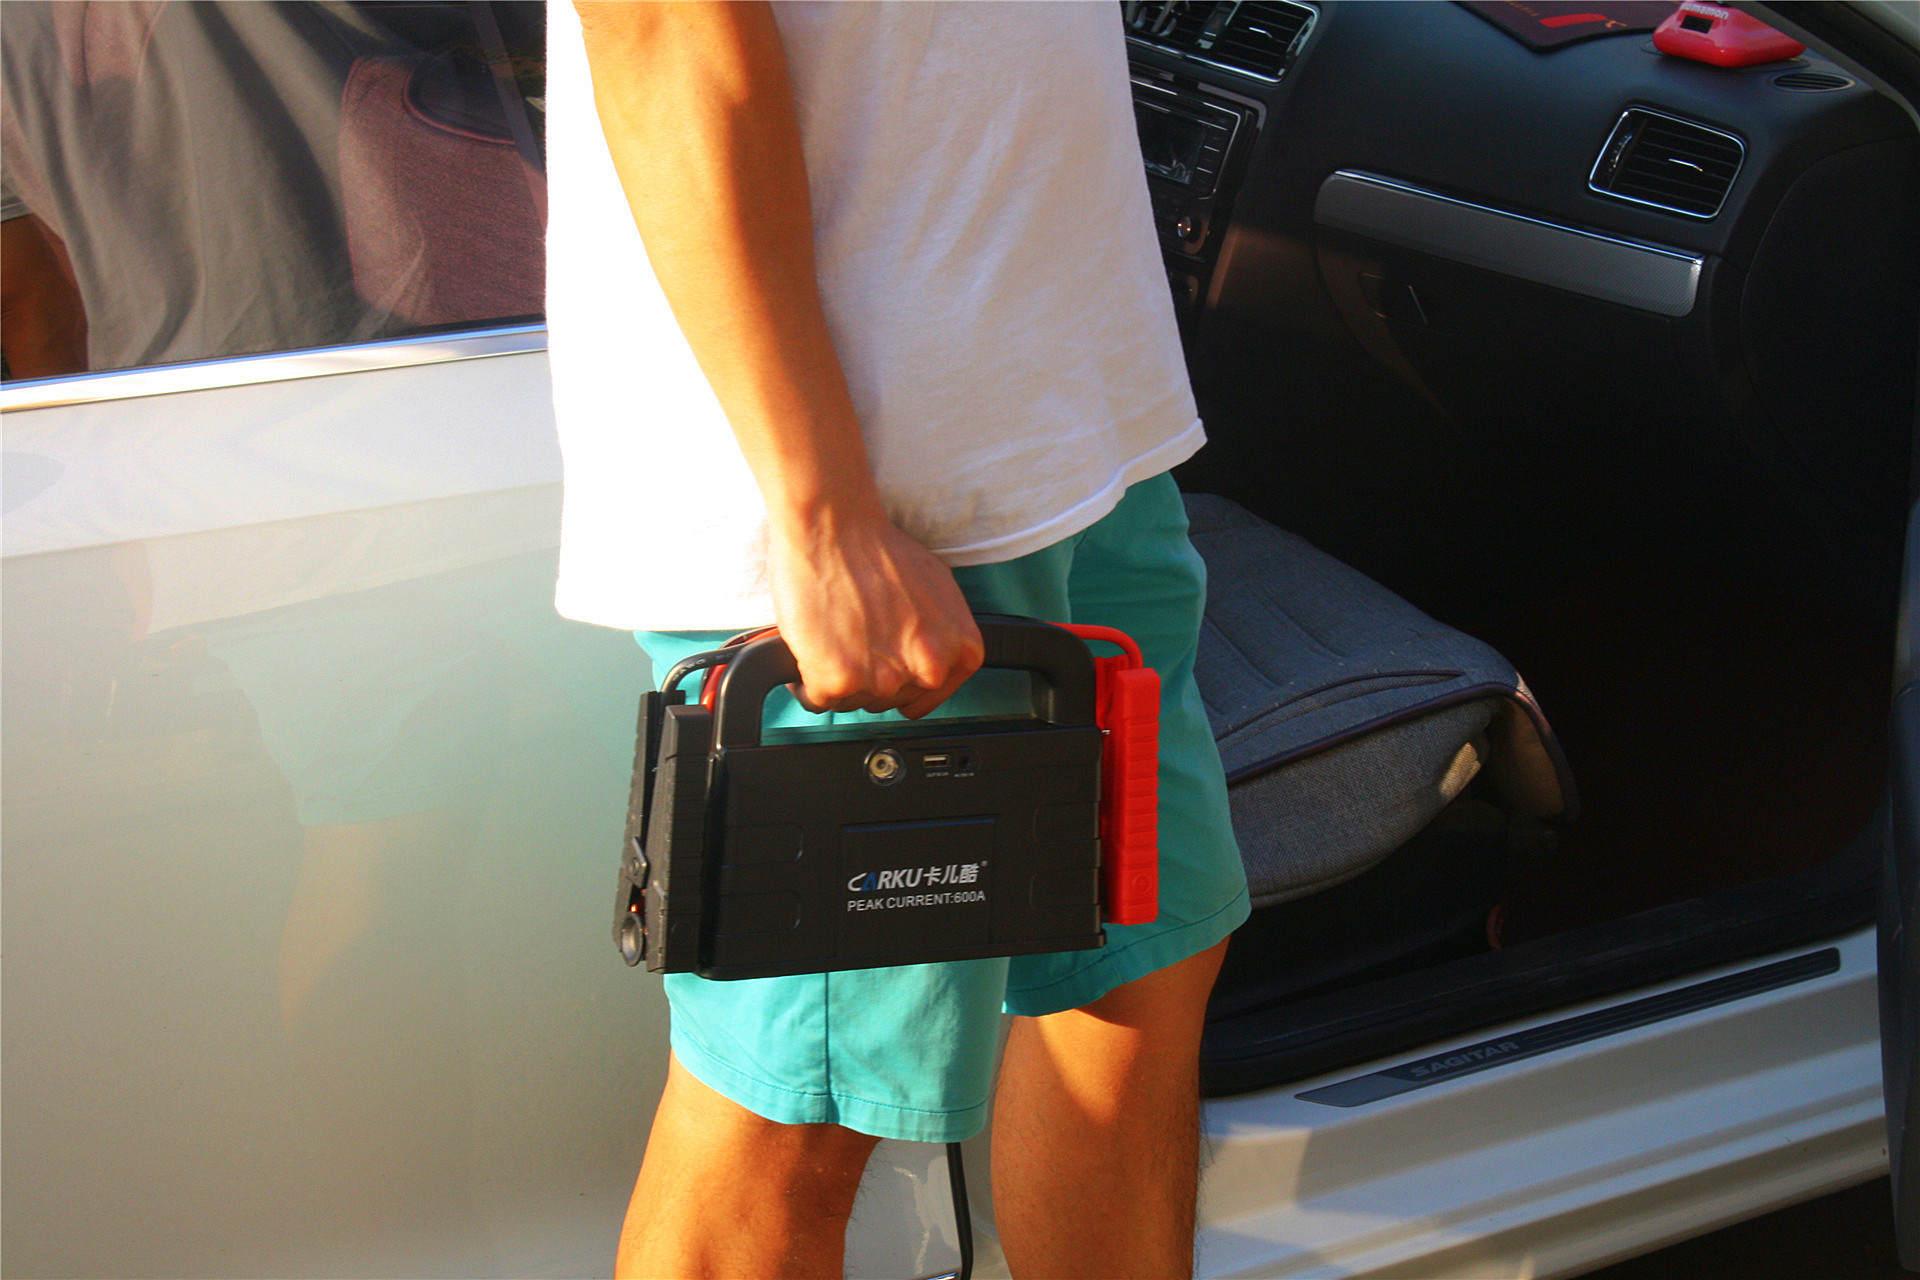 自驾出游不怕熄火 户外发烧友的好伴侣 卡儿酷应急启动电源评测